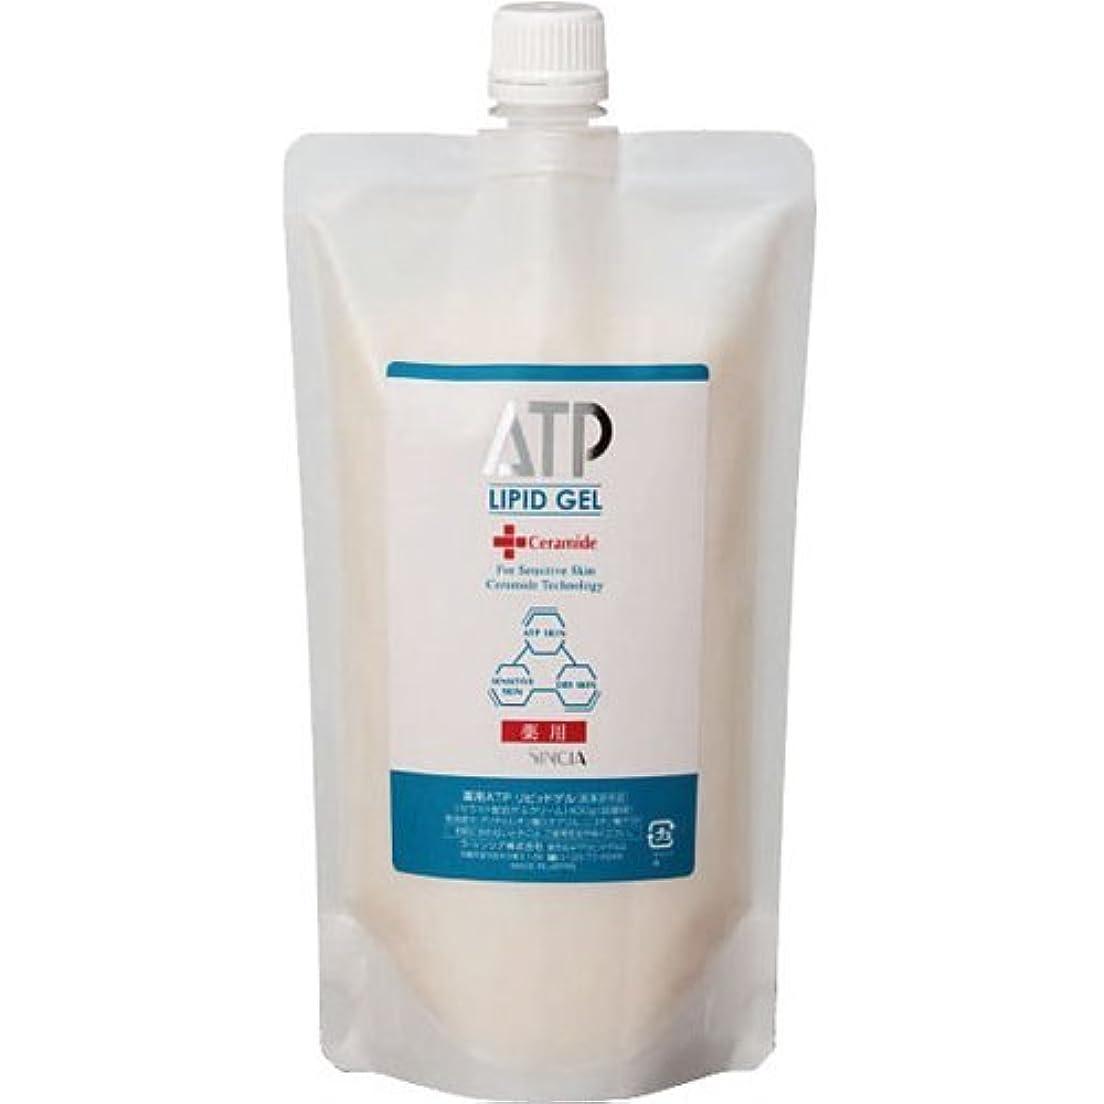 意気消沈した派手療法ラシンシア 薬用ATPリピッドゲル 400g(詰替用) 【セラミド配合ゲルクリーム】